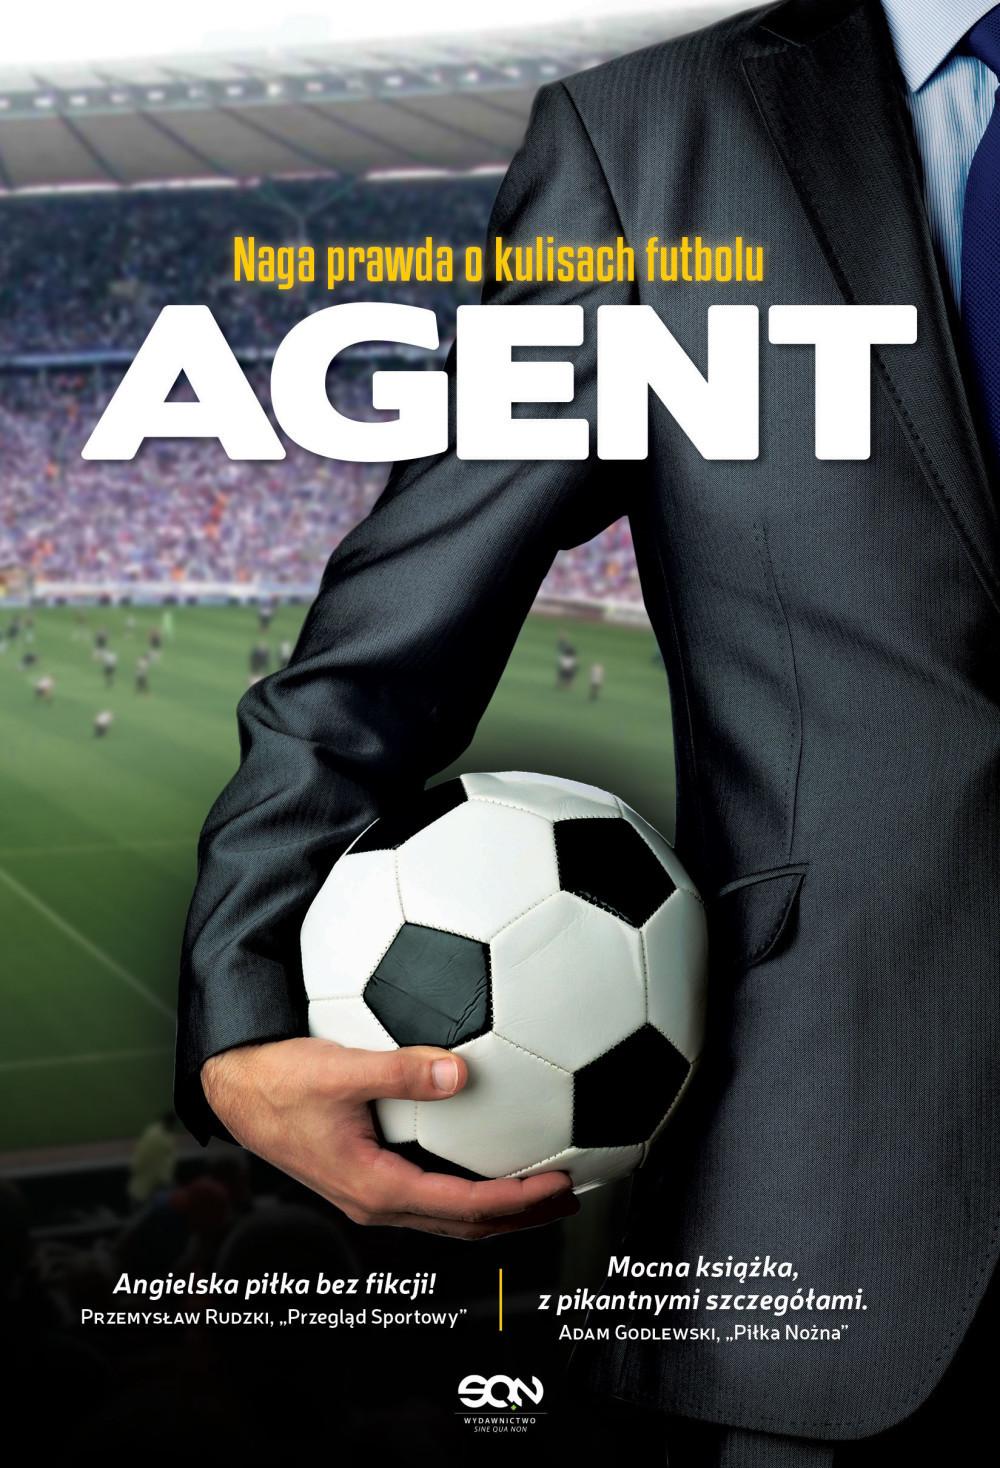 Agent. Naga prawda o kulisach futbolu ebook